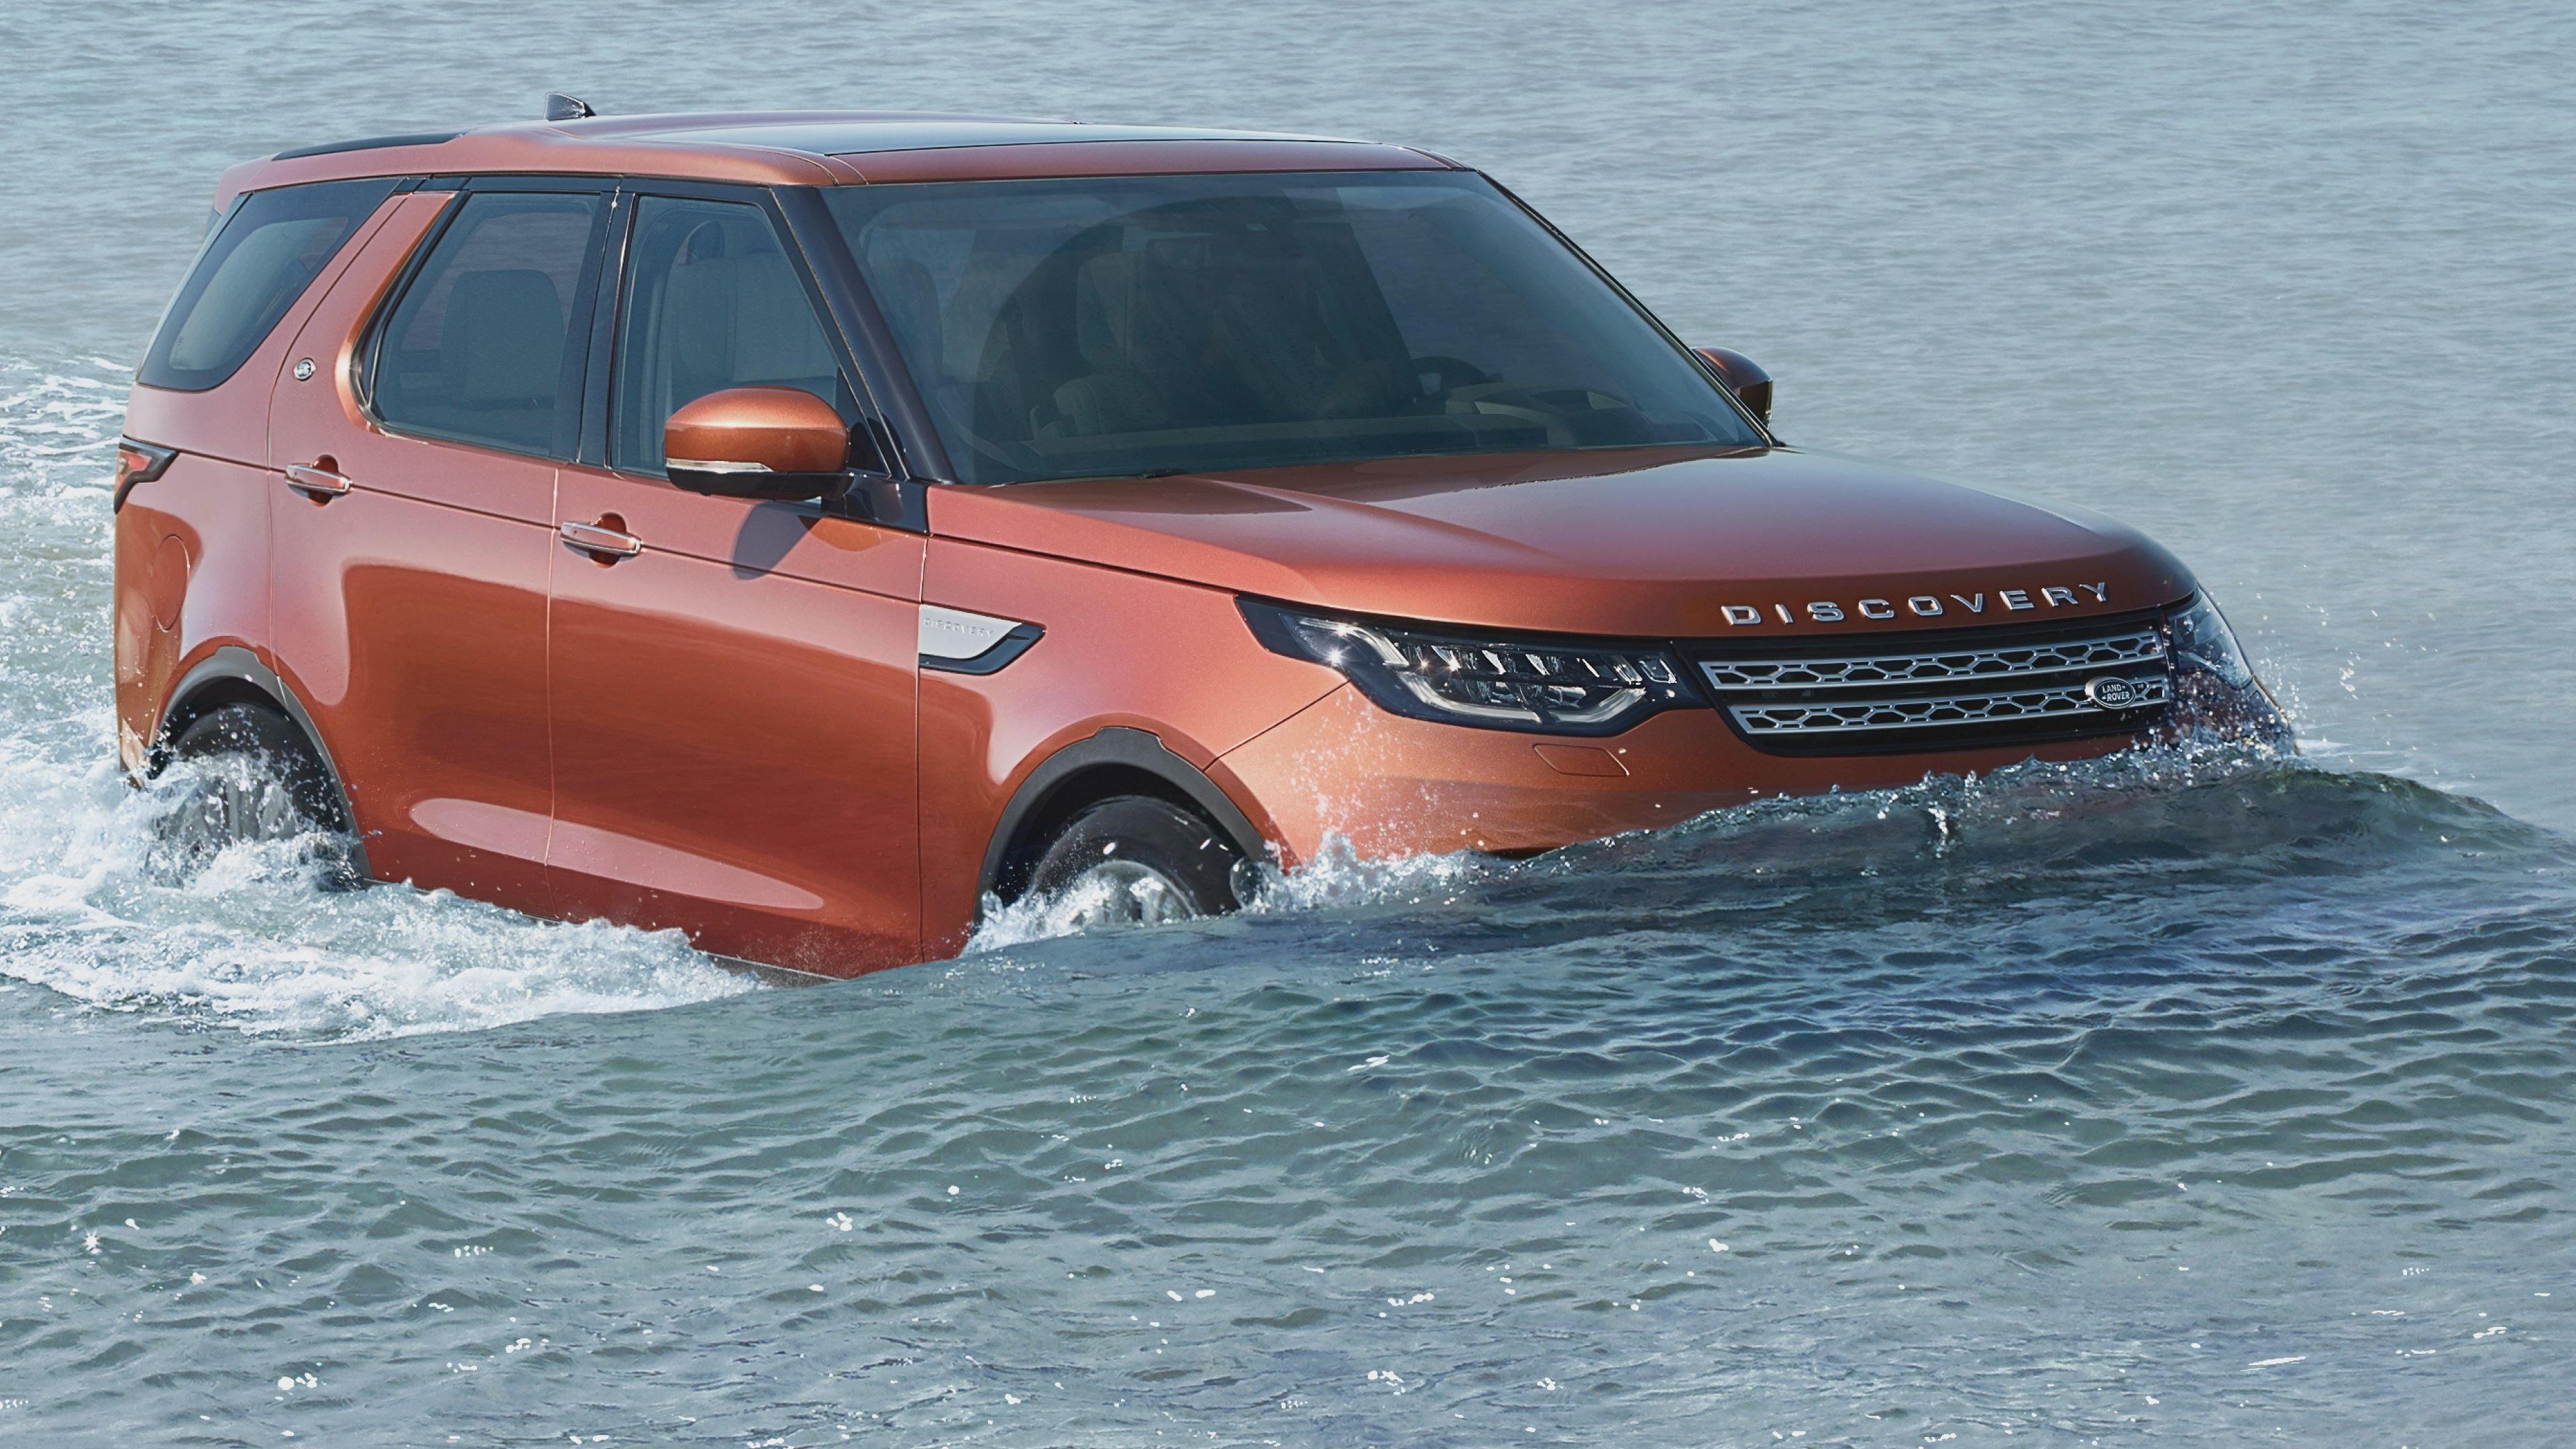 Nýr og gjörbreyttur Land Rover Discovery kynntur formlega